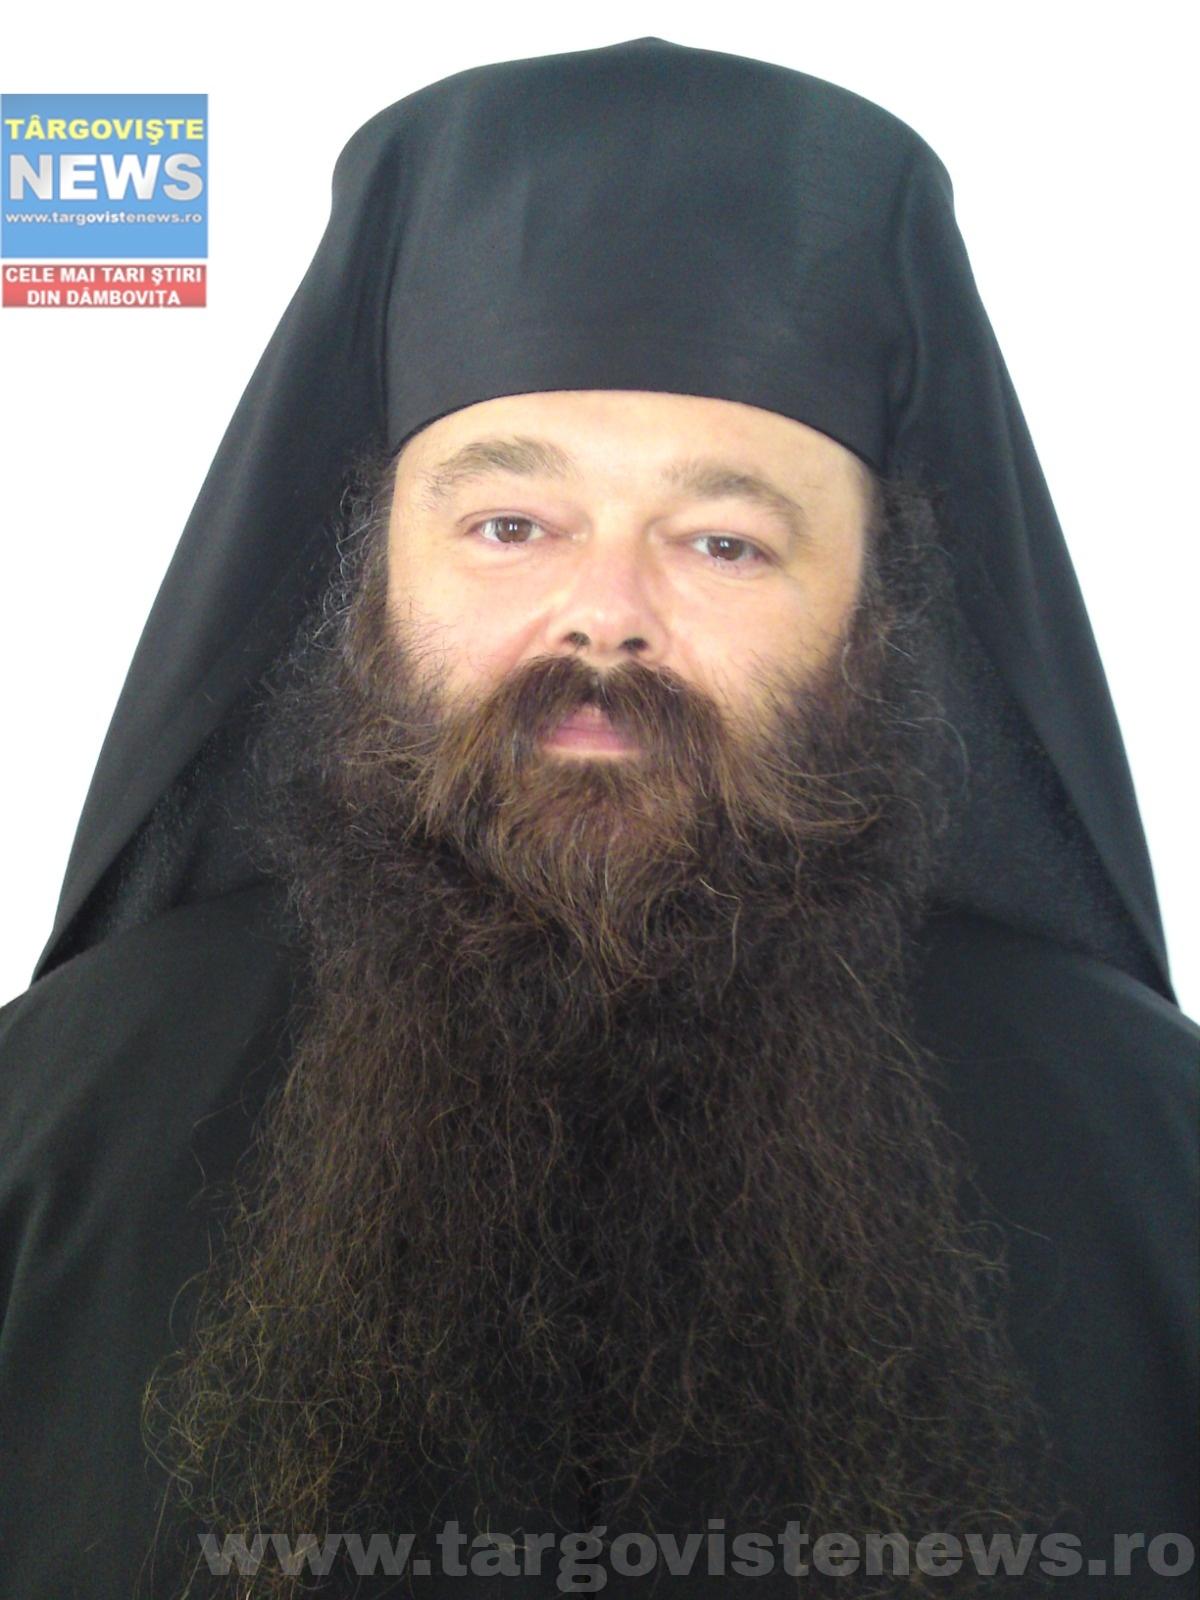 Părintele Melchisedec, fostul stareţ al Mănăstirii Înălţarea Domnului – Cota 1000, a trecut la cele veșnice după o grea și nemiloasă suferință